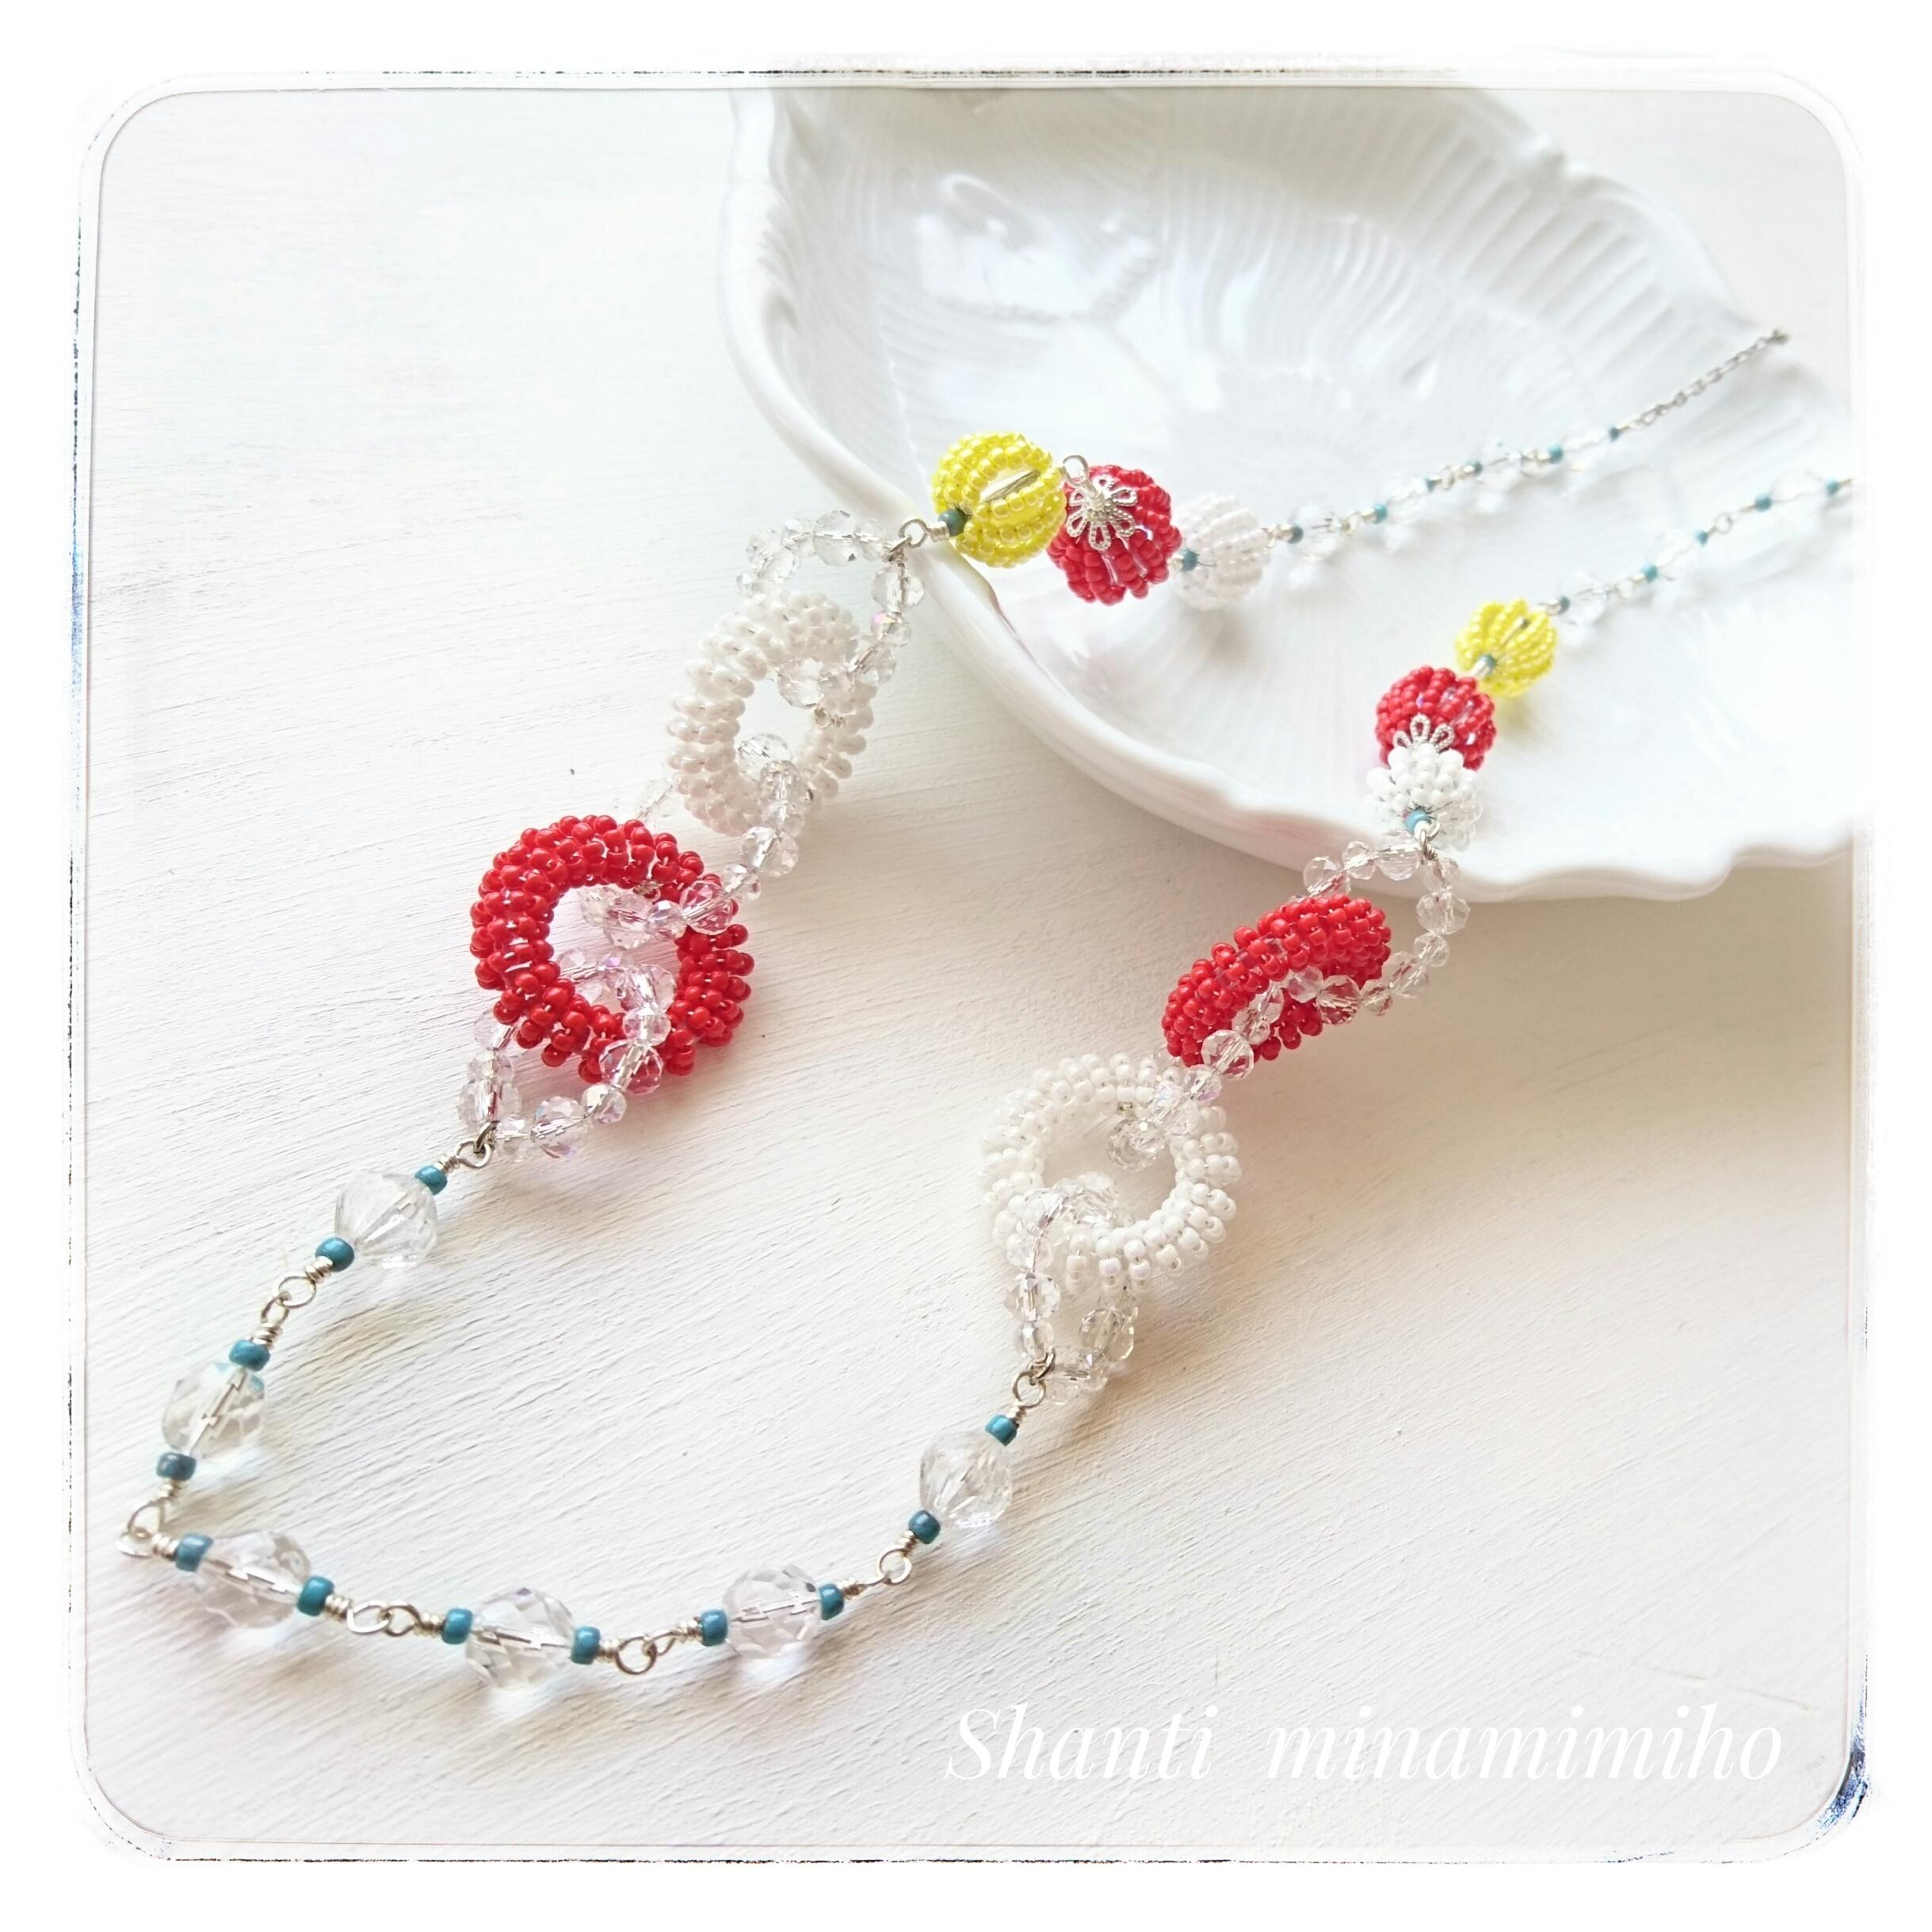 繊細なワイヤーワークが美しく、カラフルでさし色使いがオシャレなロングネックレス